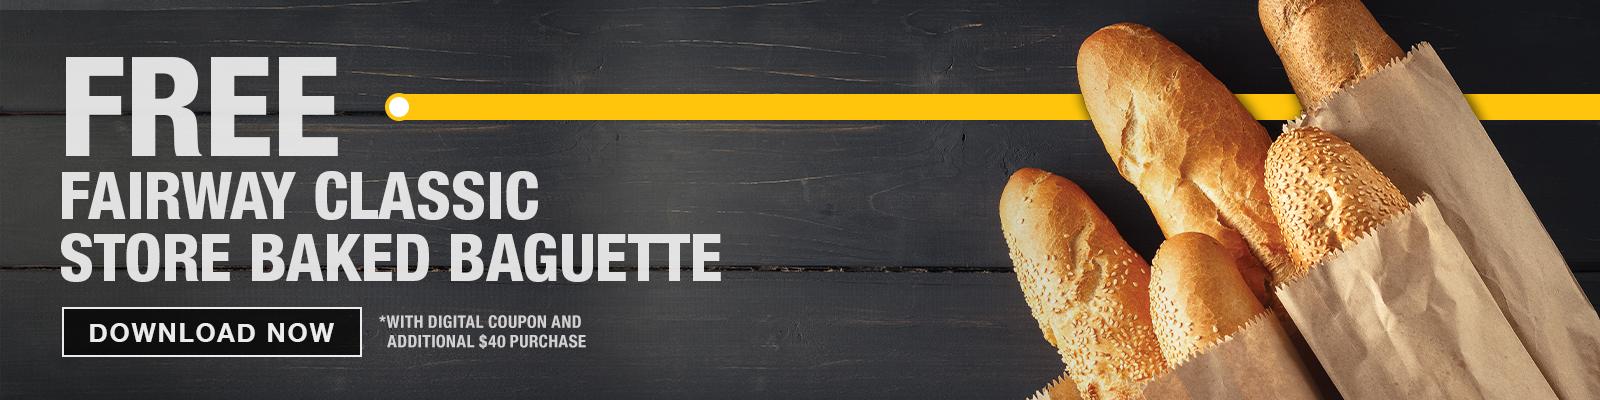 Baguette Coupon